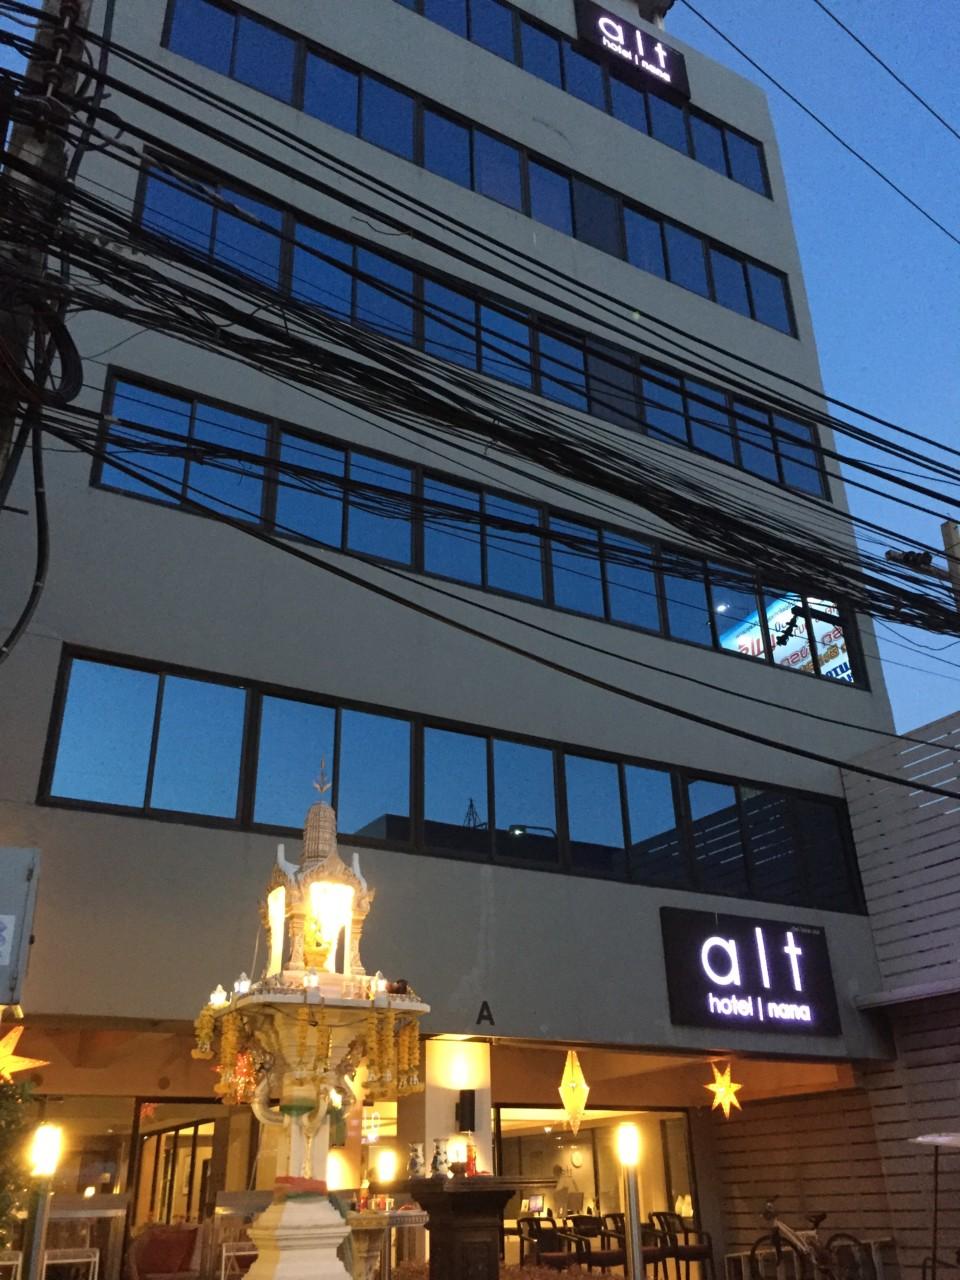 オルトホテルナナホテル